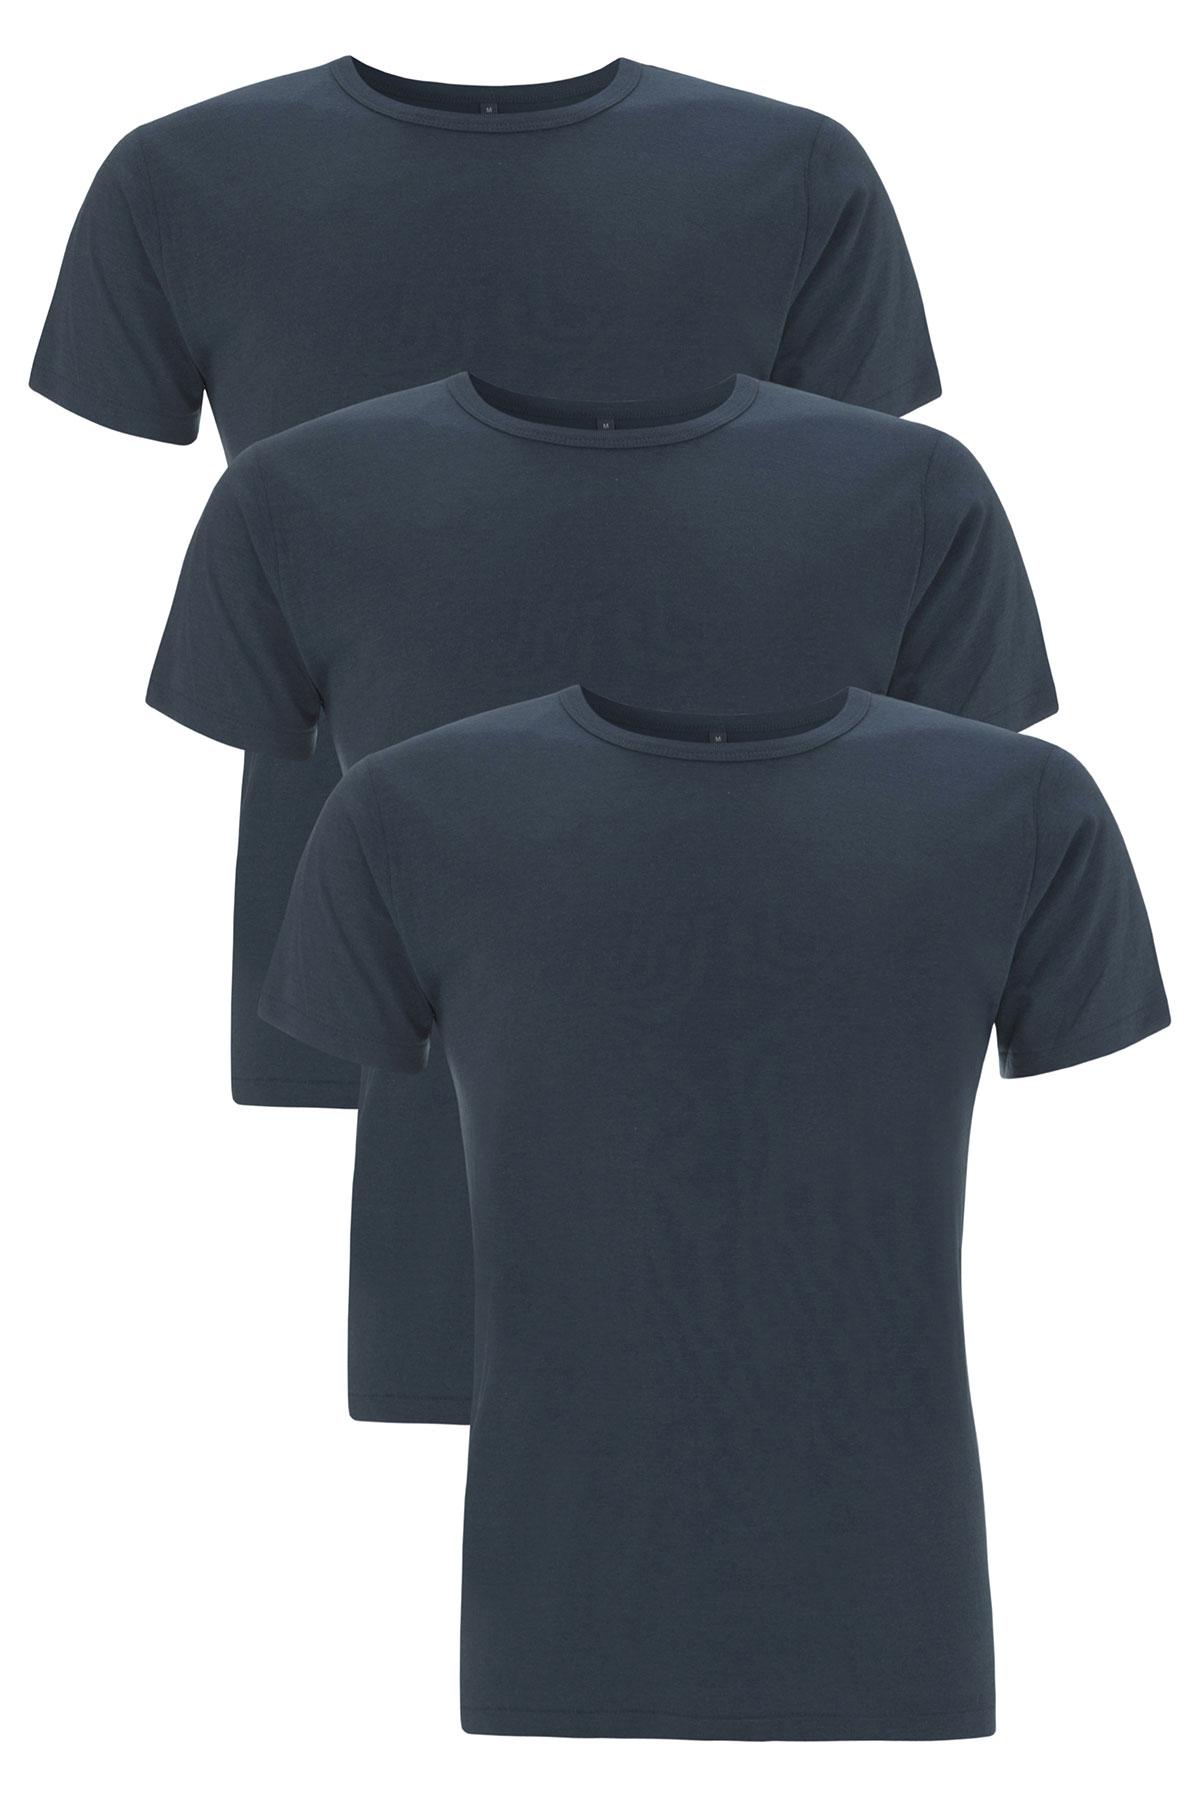 [Paket] Herren 3er Pack T-Shirt Fairtrade Rundhals N45